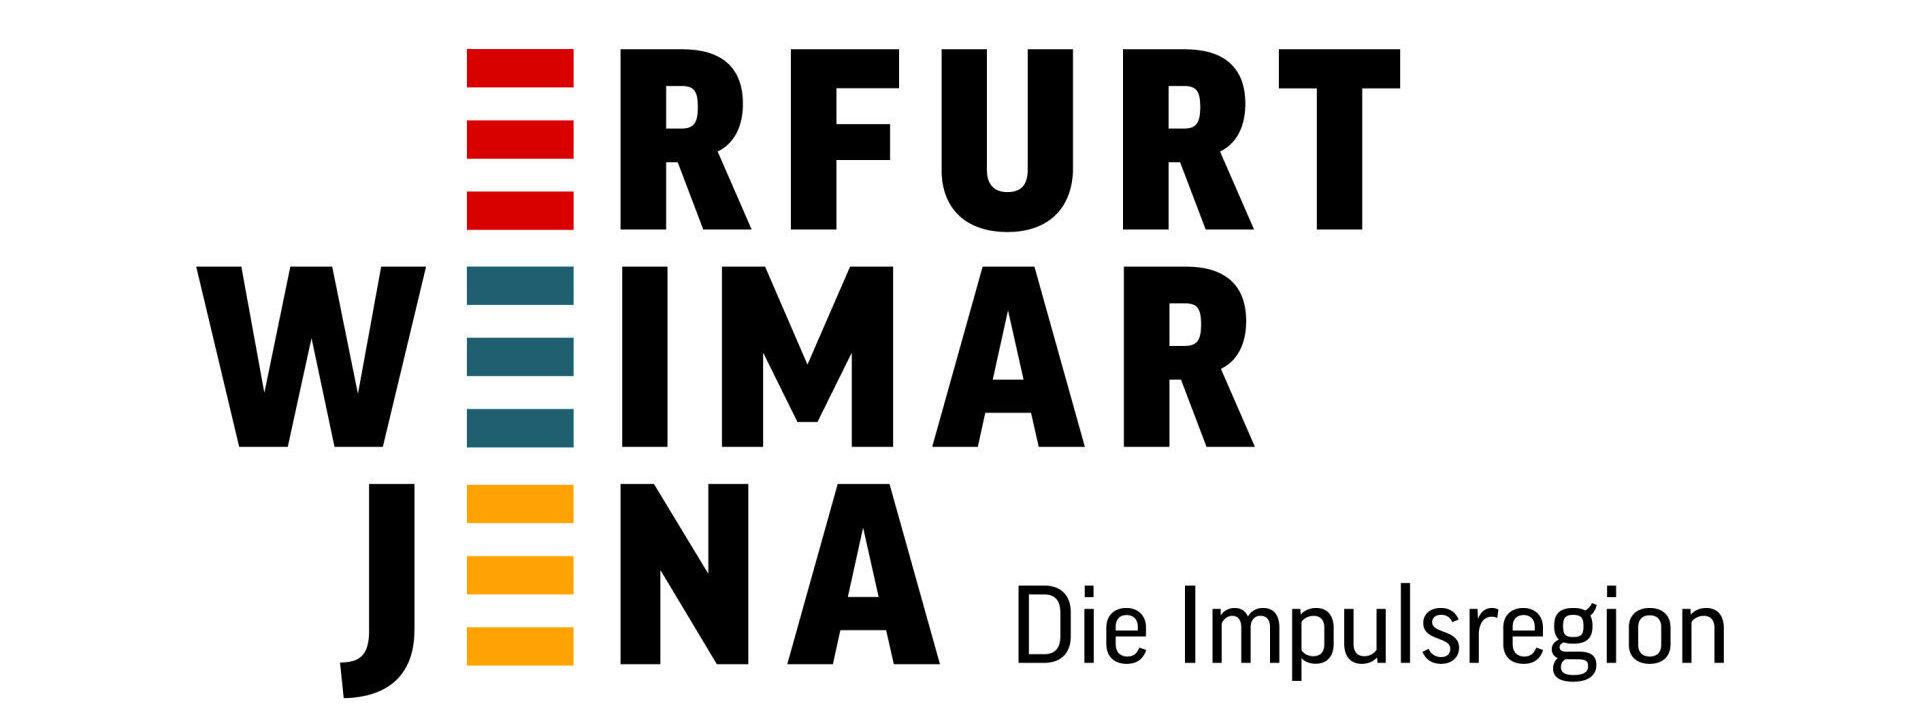 Logo Impulsregion Erfurt Weimar Jena